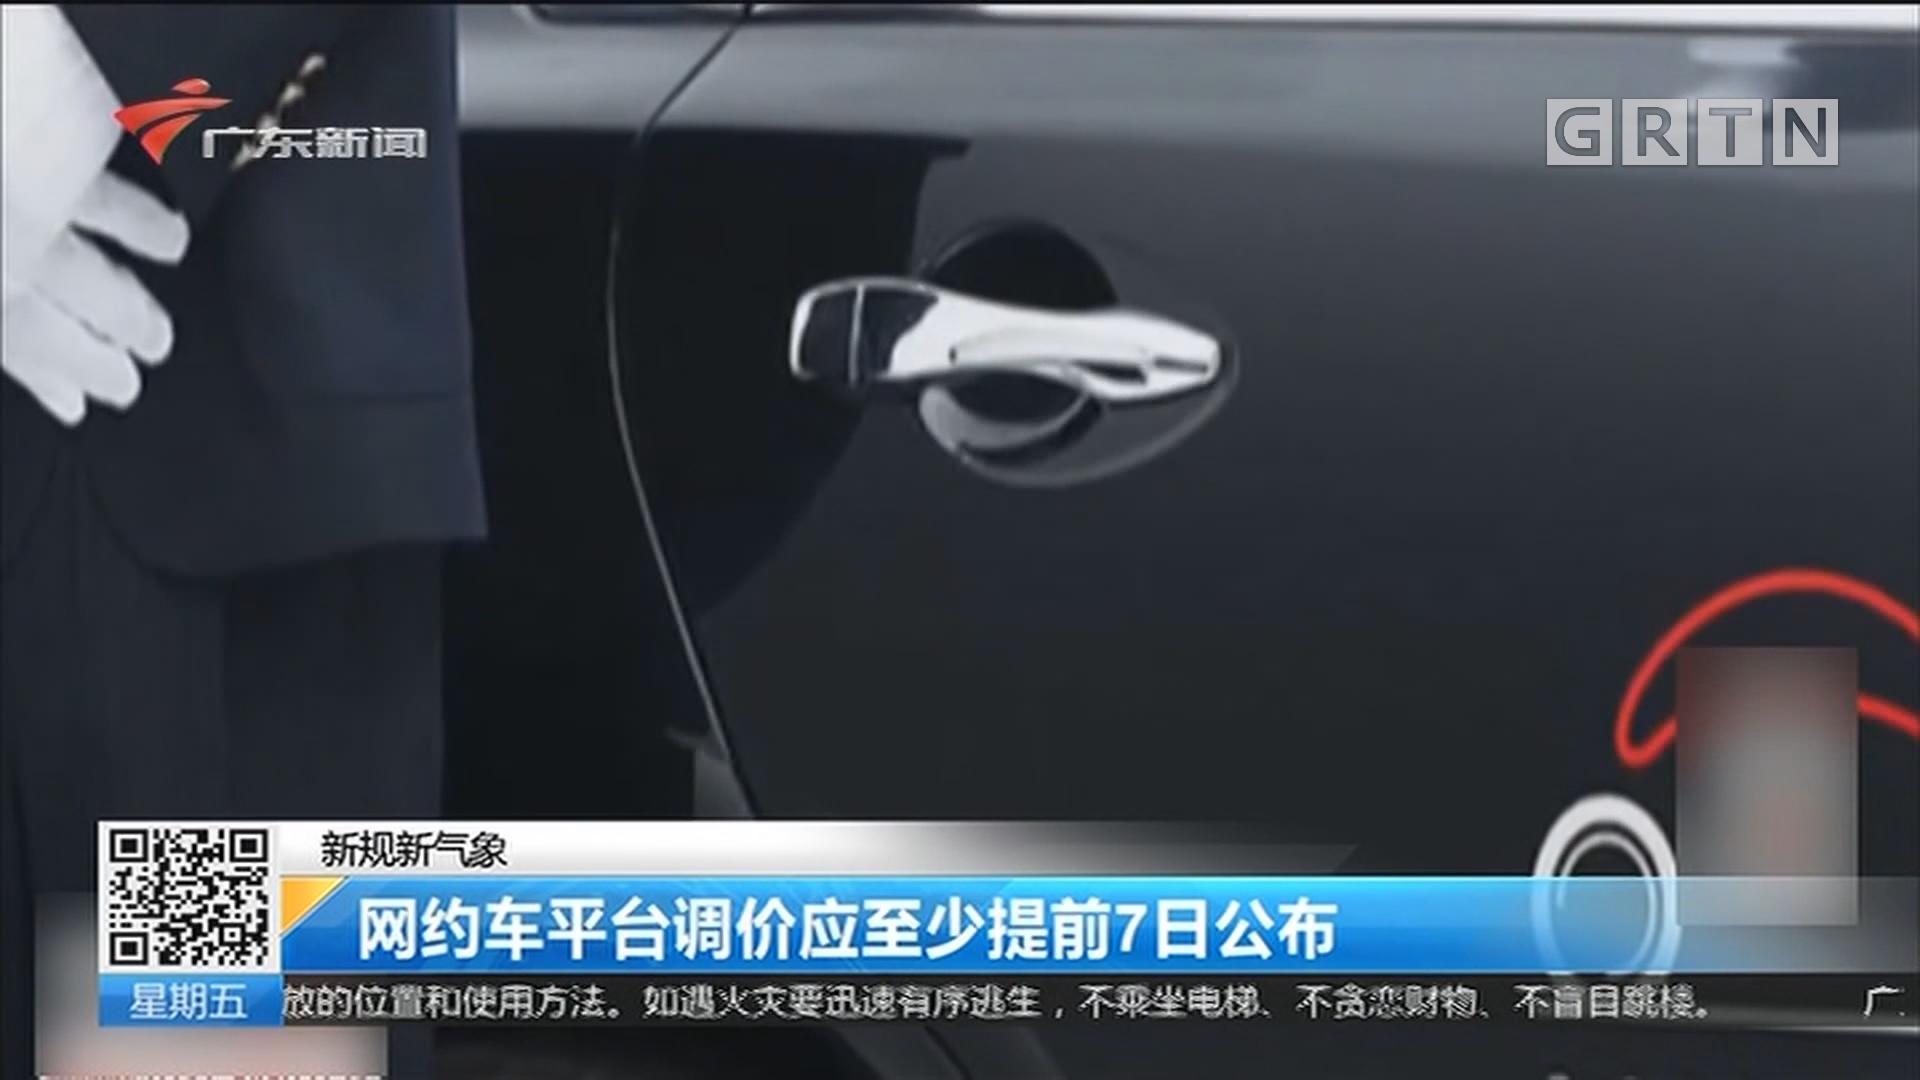 新规新气象:网约车平台调价应至少提前7日公布